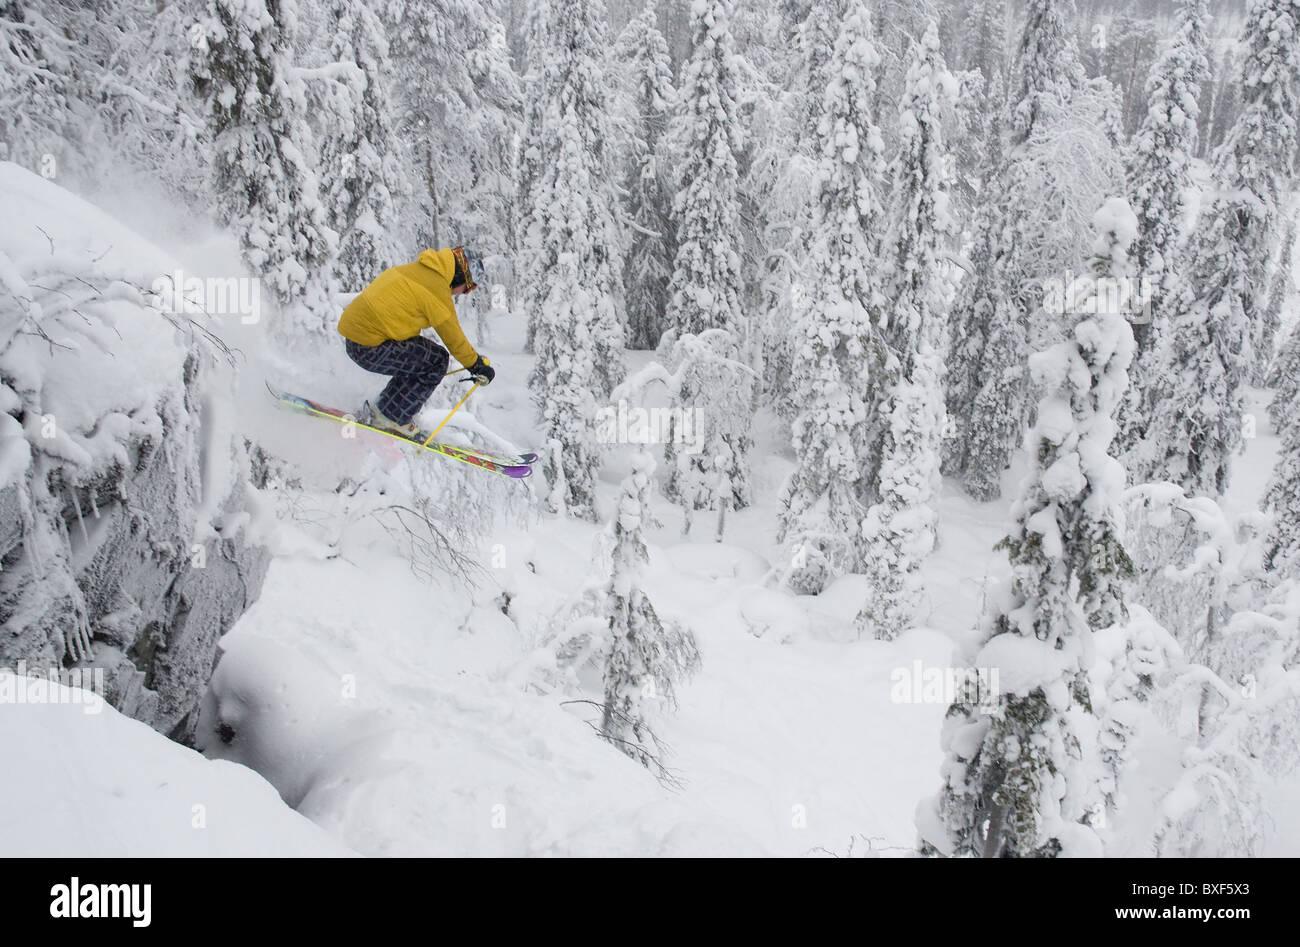 Un maschio libero sciatore saltare giù una scogliera in Iso-Syöte, Finlandia Immagini Stock